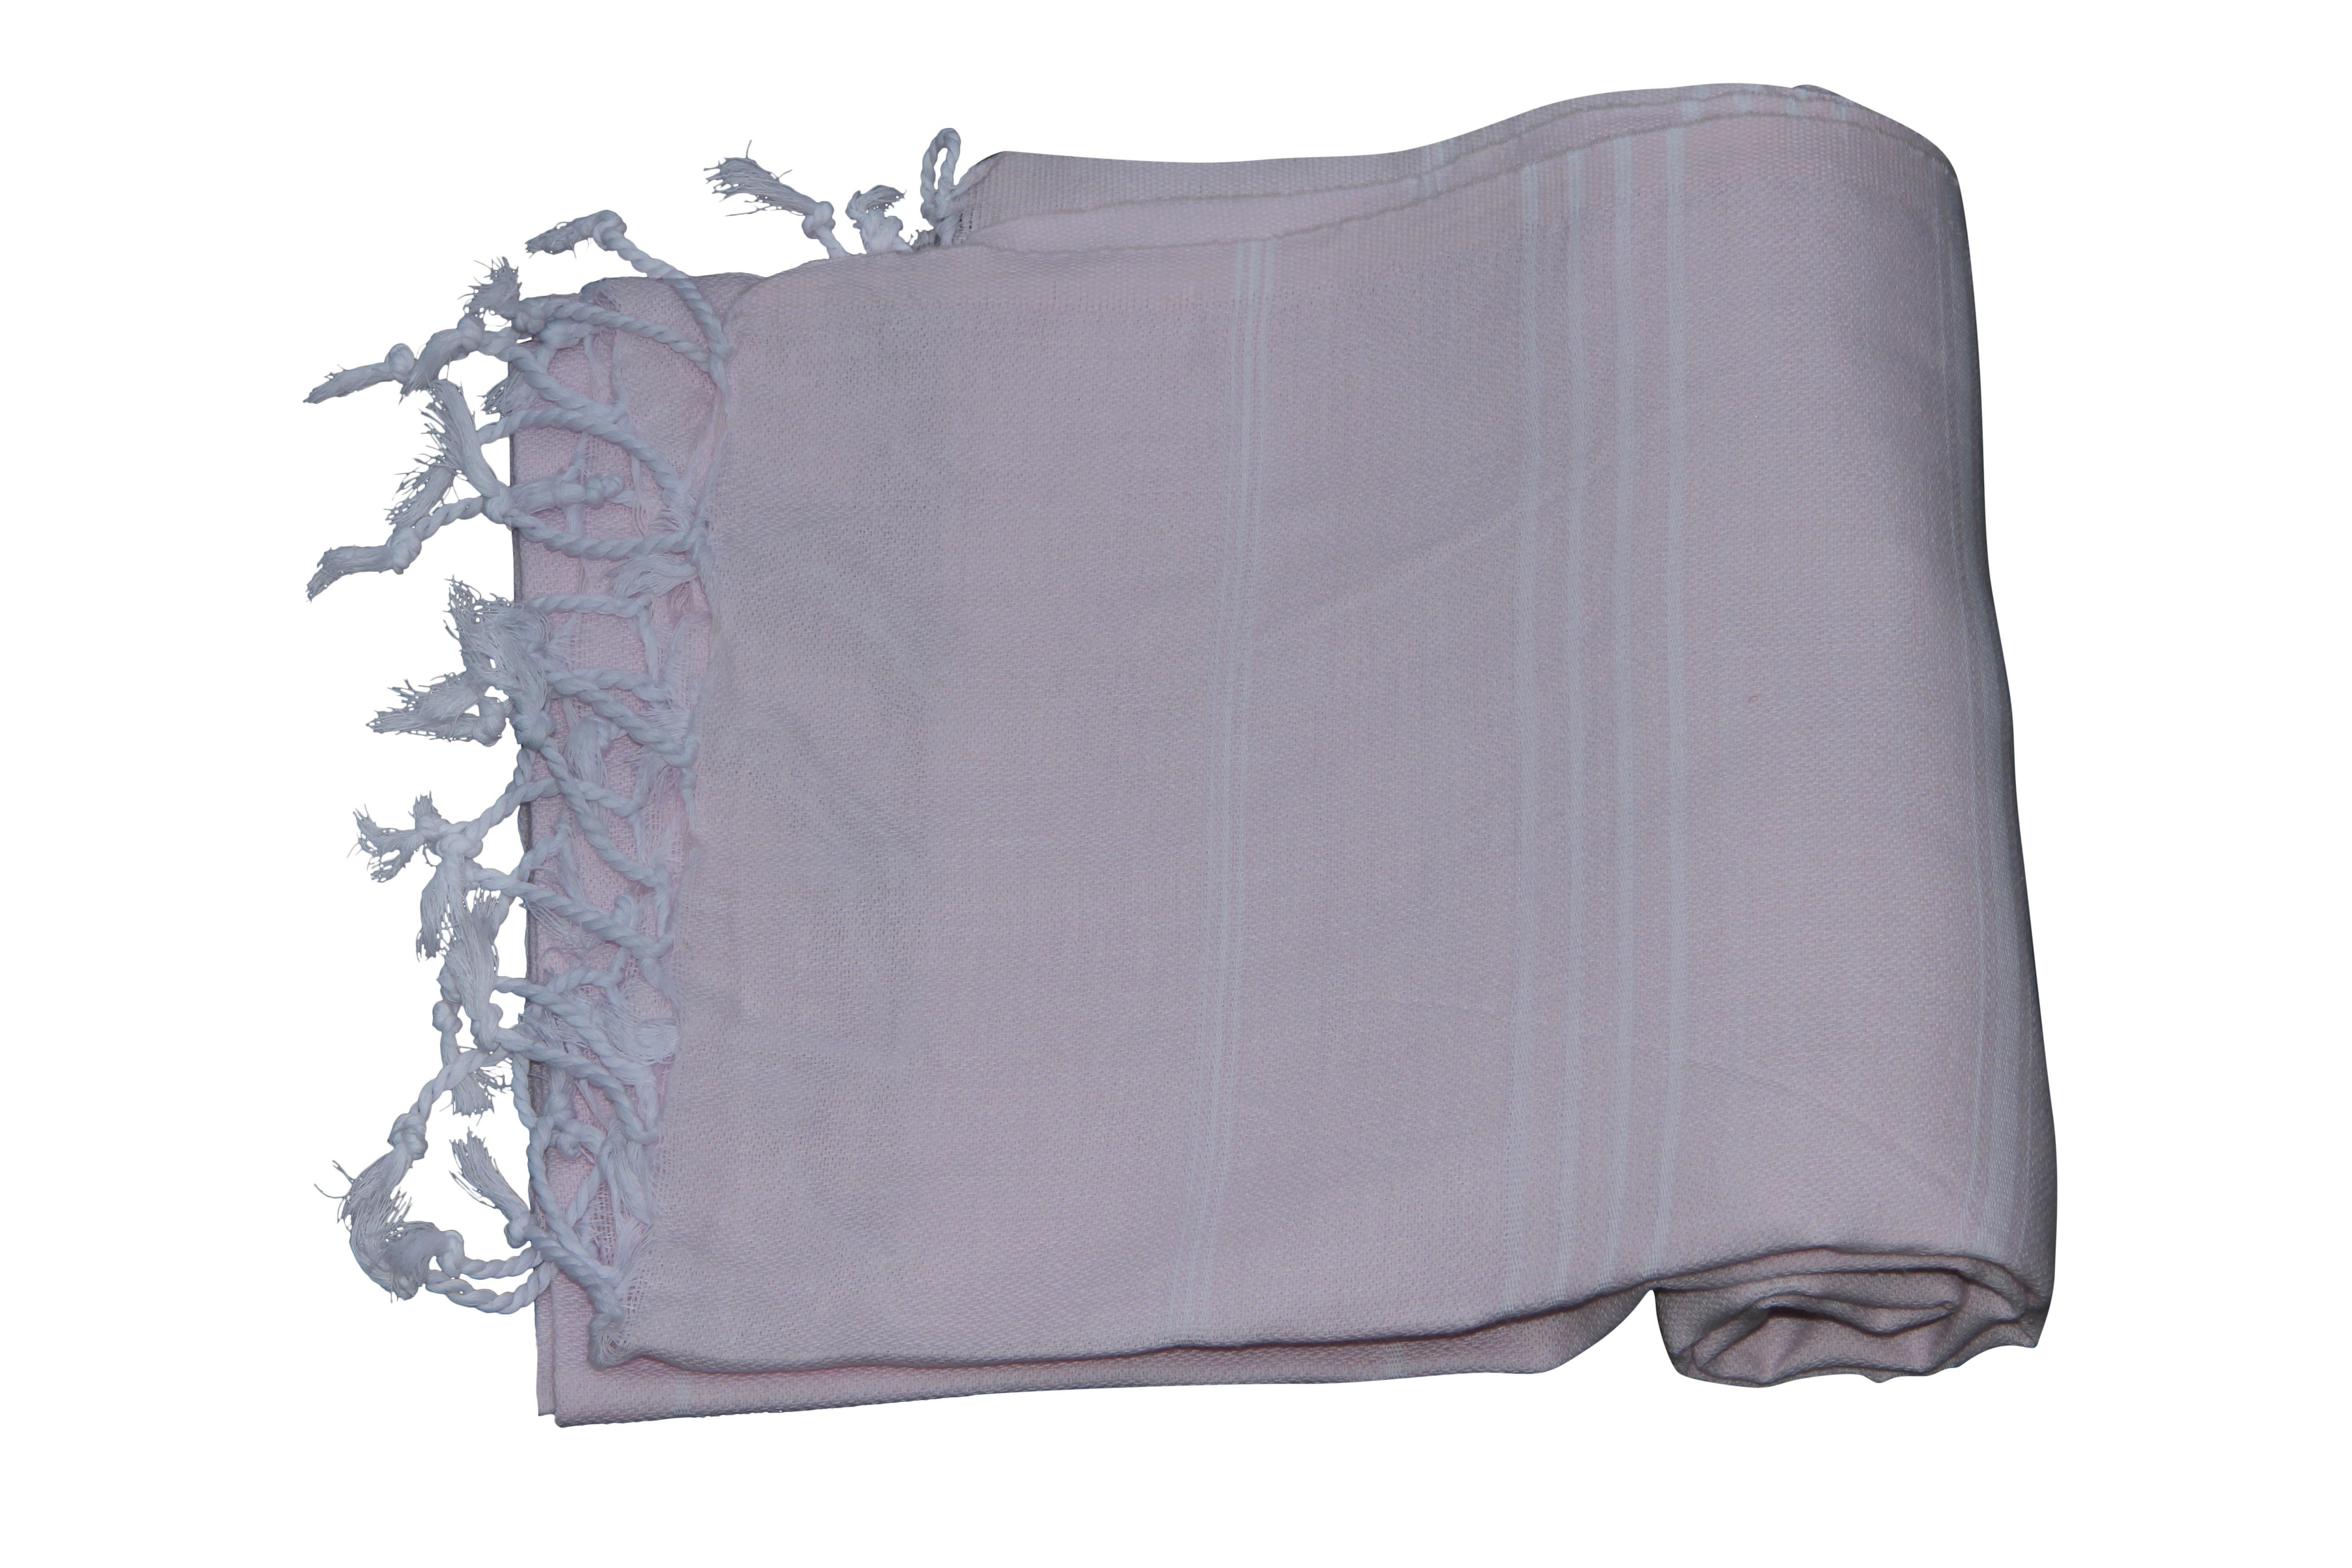 Hamamdoek, 100% katoen, zacht roze 100cm x 180cm.  100% geweven katoenen handdoek.